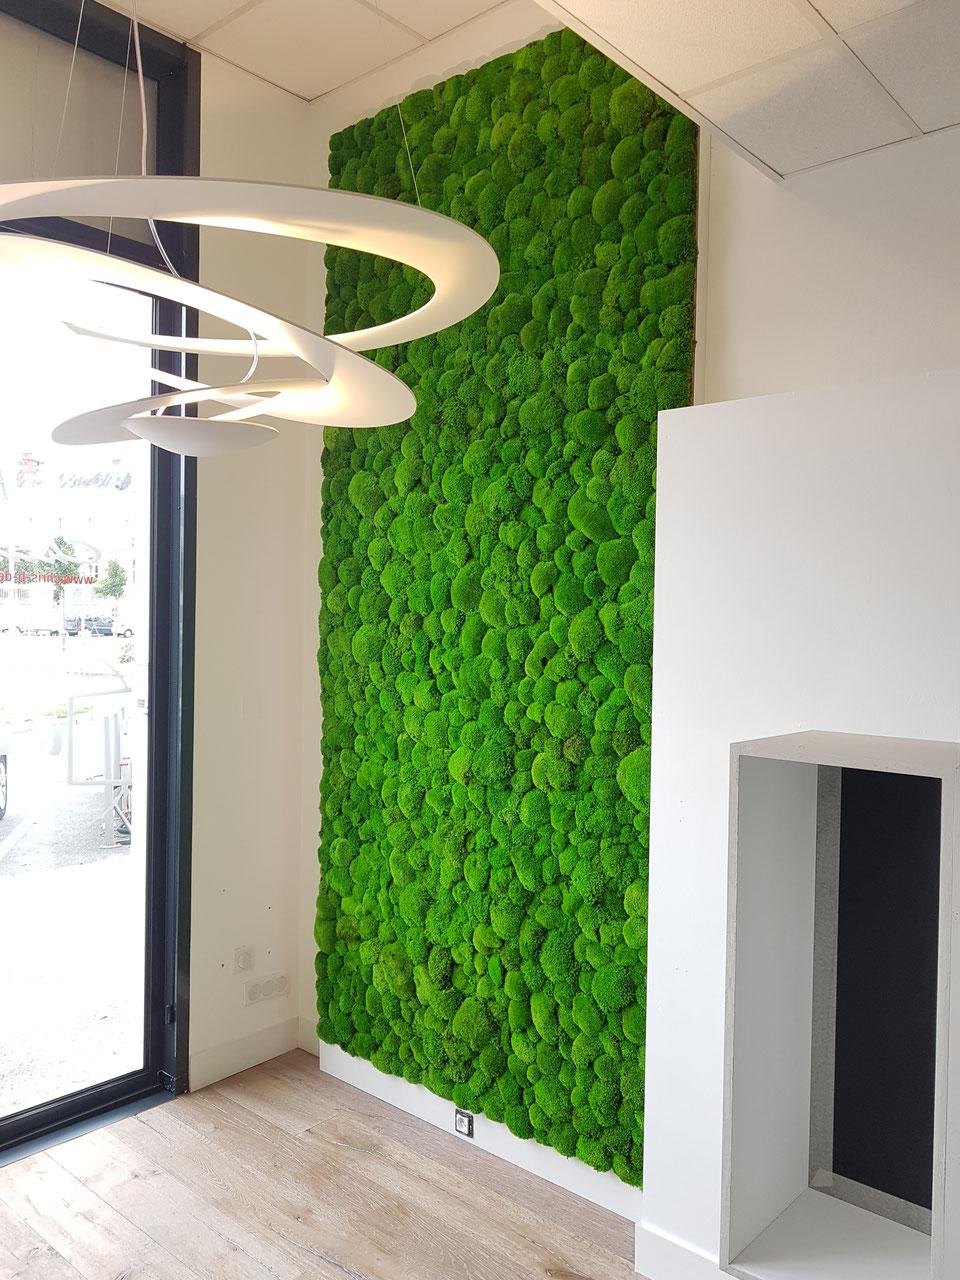 mur vegetal mousse boule vegetal indoor mur v g tal. Black Bedroom Furniture Sets. Home Design Ideas